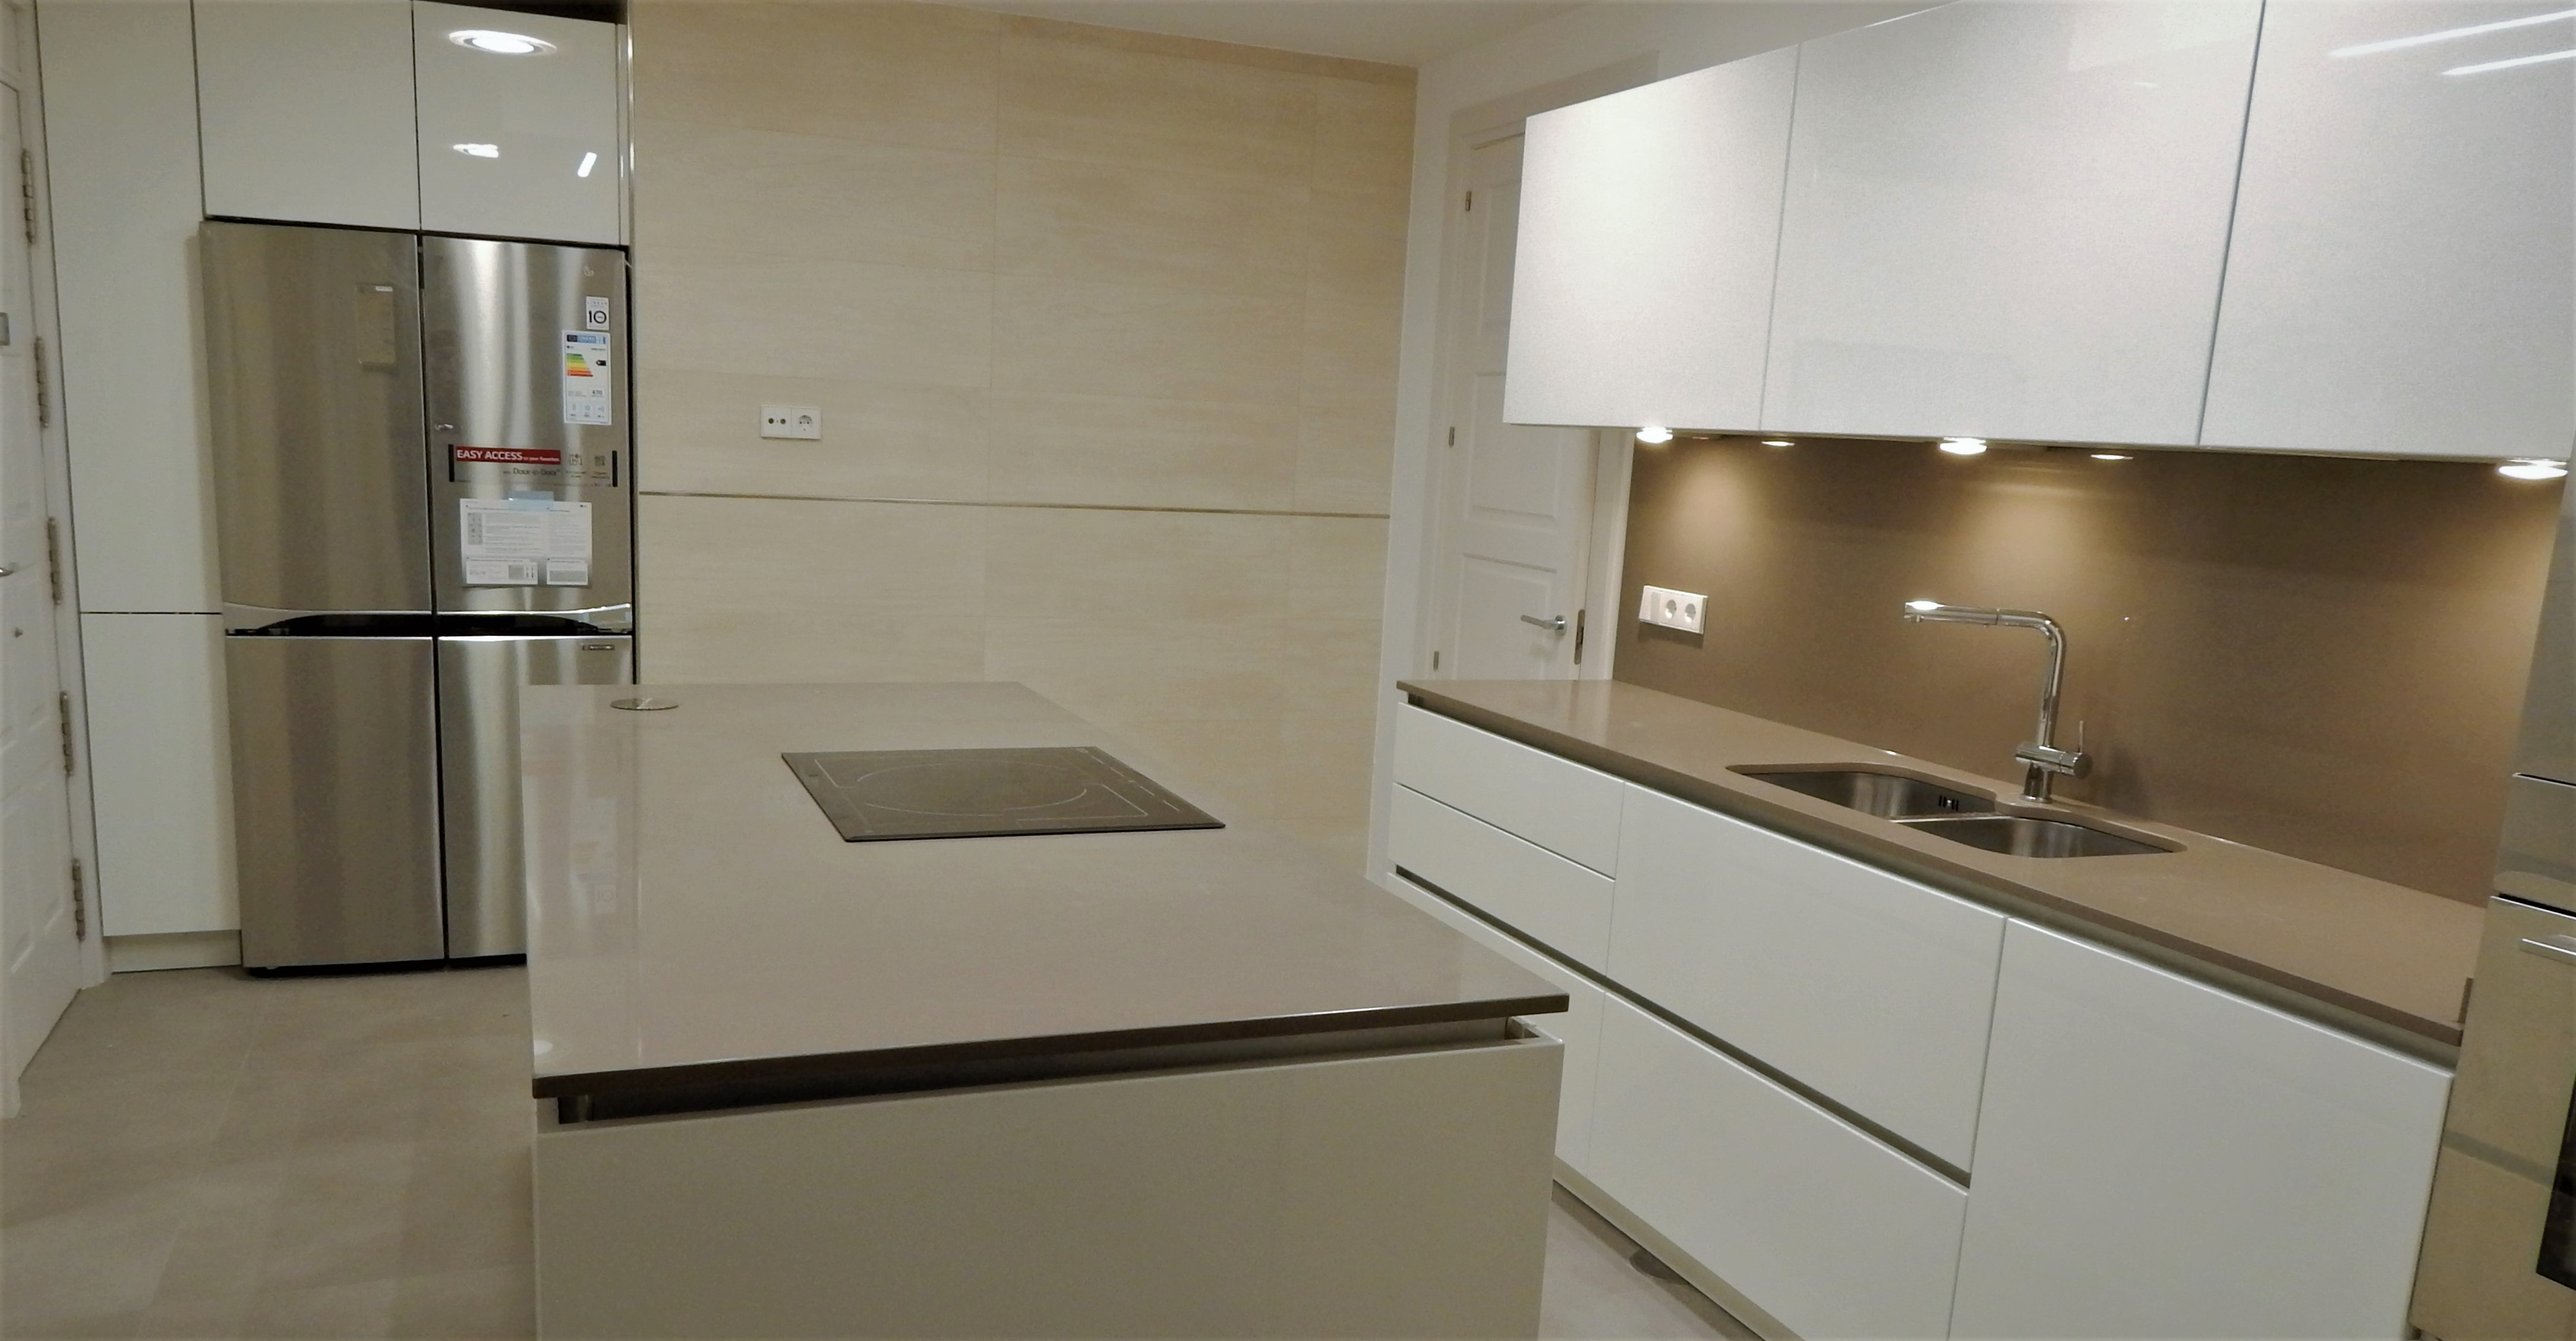 Muebles de cocina en laca mate de tacto sedoso modelo avus - Muebles lacados en blanco brillo ...